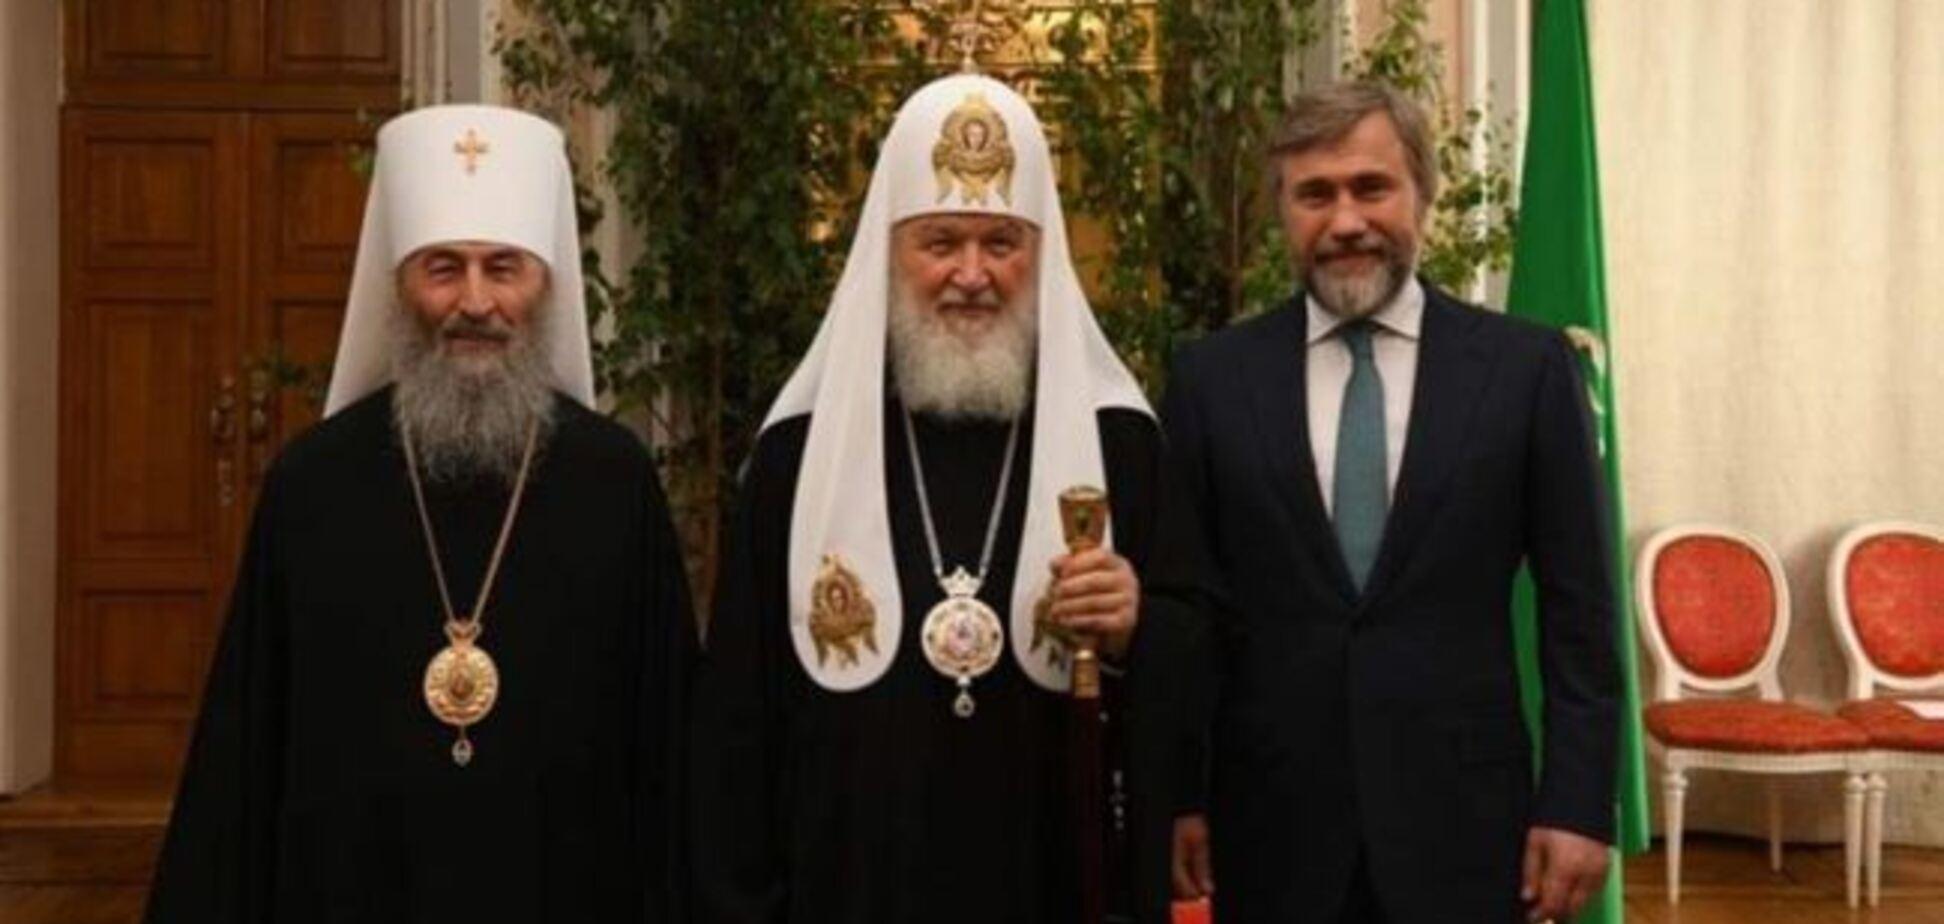 Новинський і Онуфрій зустрілися з главою РПЦ Кирилом: що відомо